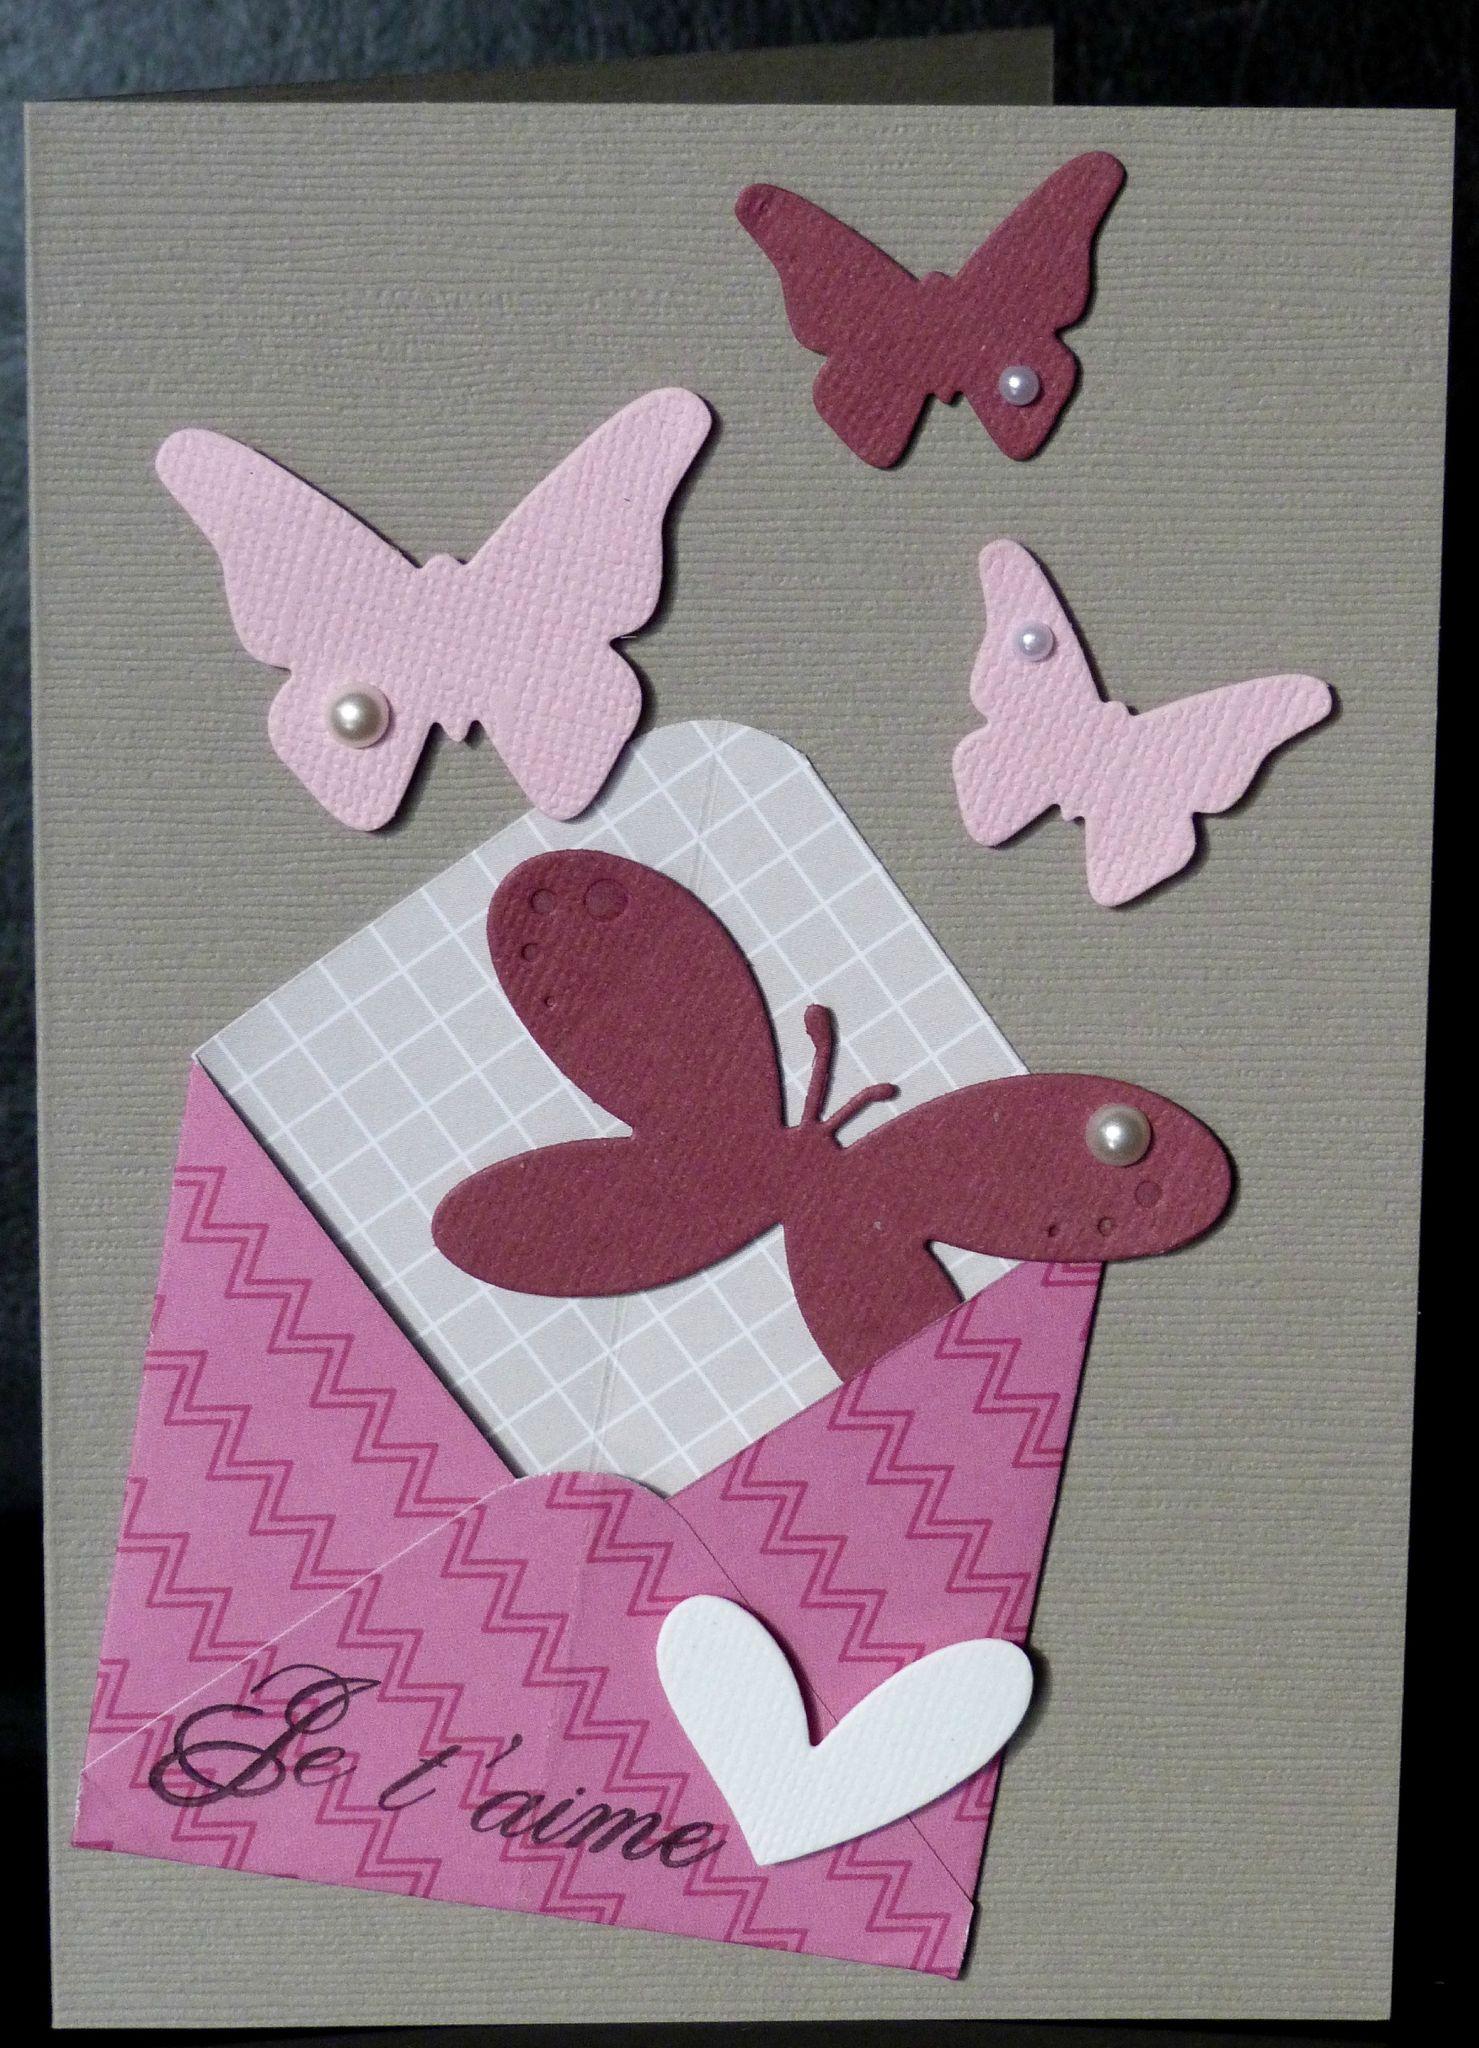 46. greige, rose et violine - envolée de papillons